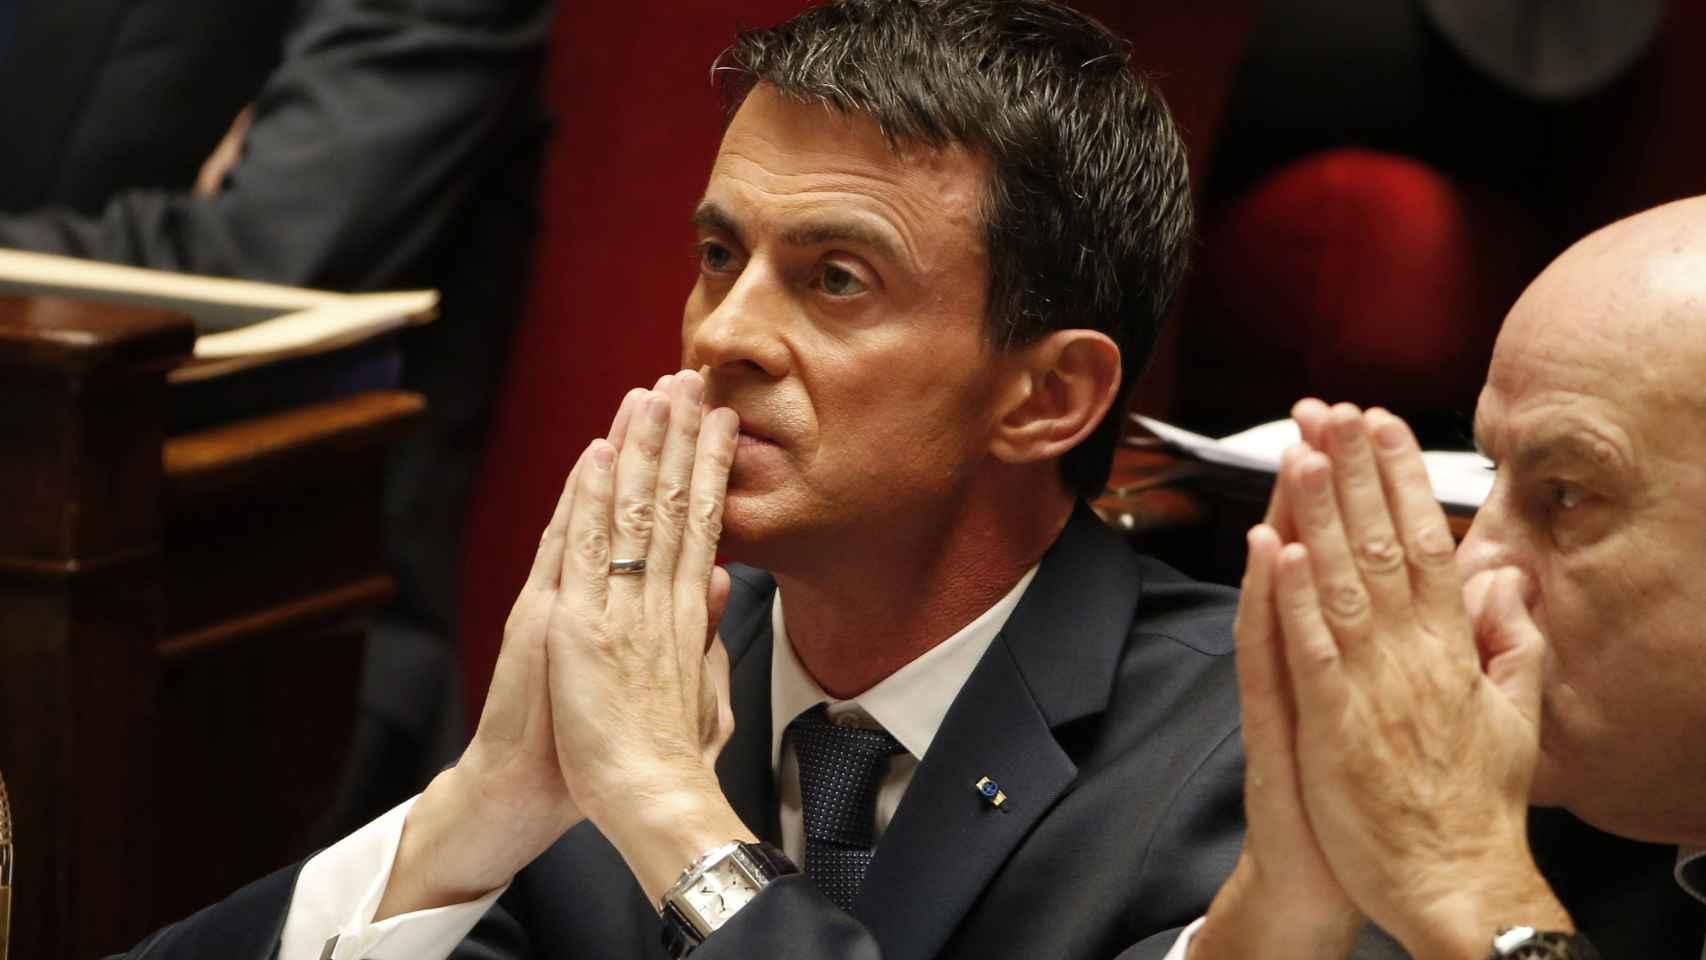 Manuel Valls ha hablado de esta posibilidad ante la Asamble Nacional.